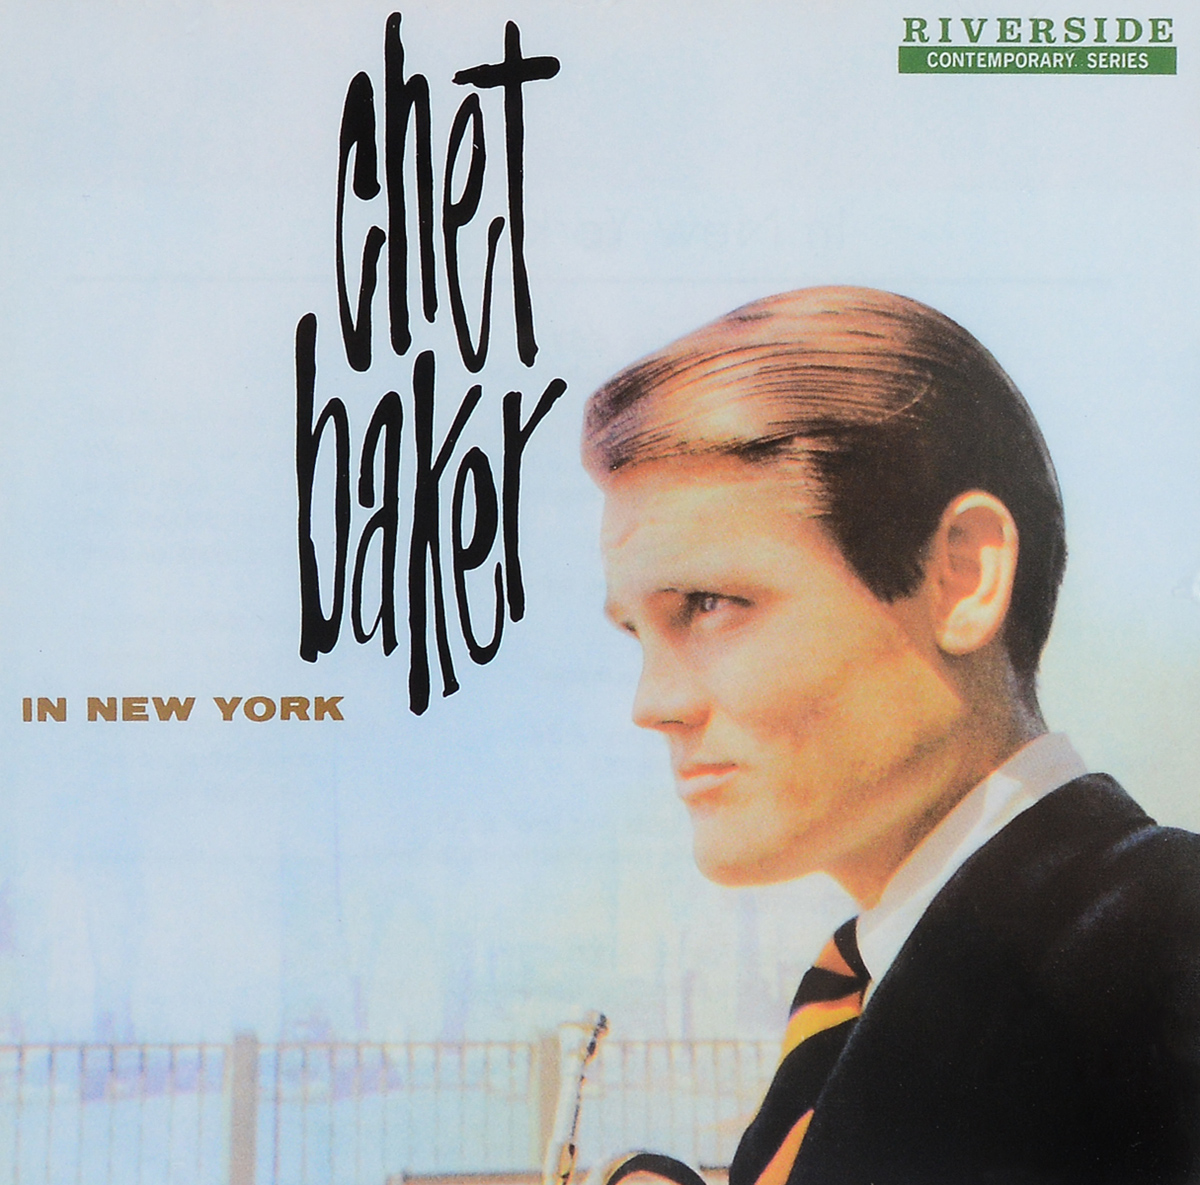 Популярный джазовый трубач и вокалист, импровизатор с мягким стилем, который как будто бы только легко касался проплывающих мимо звуков. Чет Бейкер был визитной карточкой кул-джаза. Со своей поэтической бледностью, голливудской внешностью и репутацией